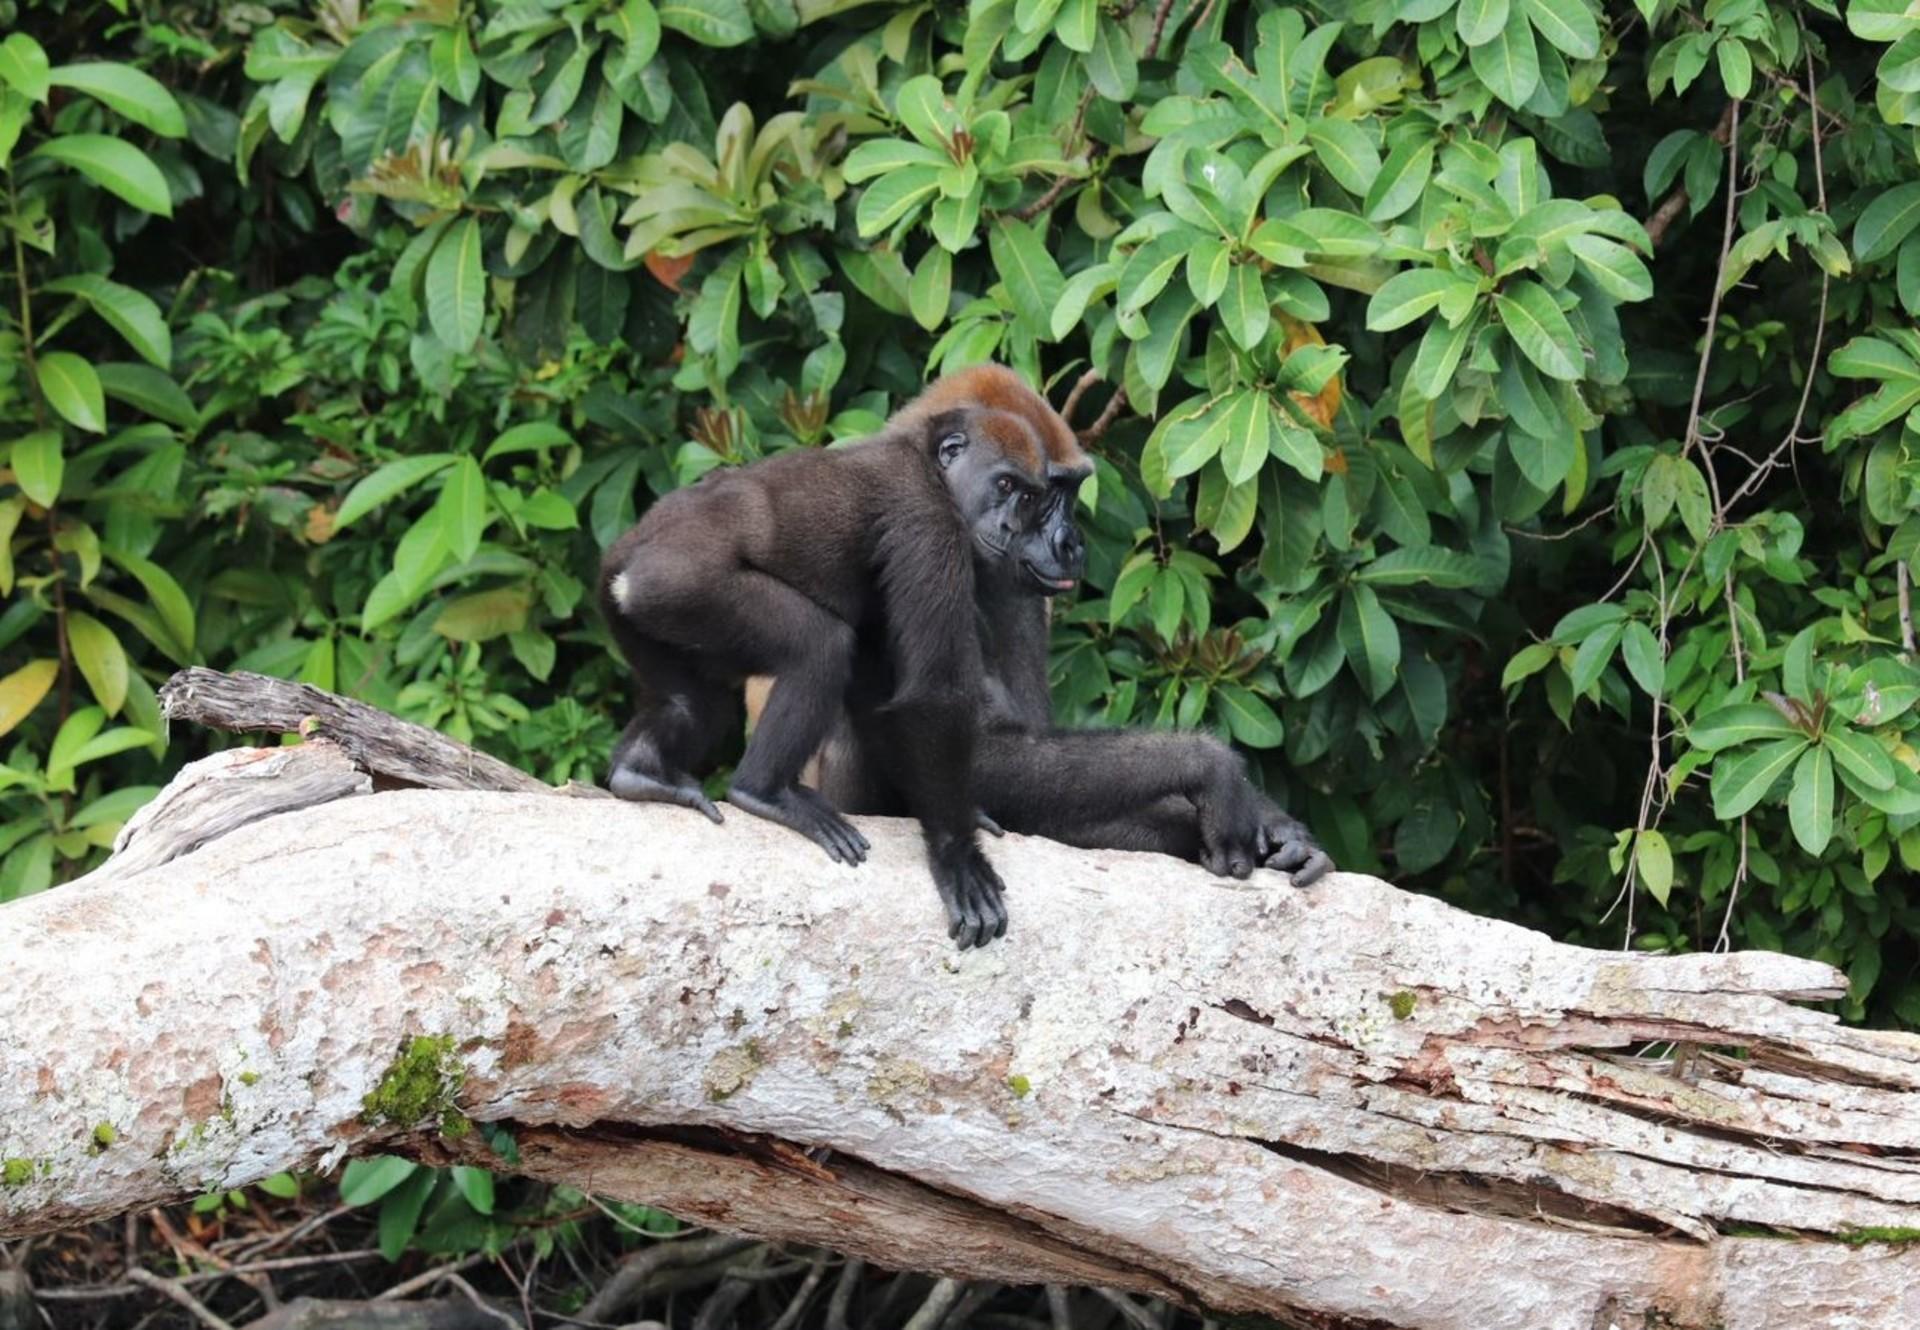 Two gorillas sitting on a fallen tree